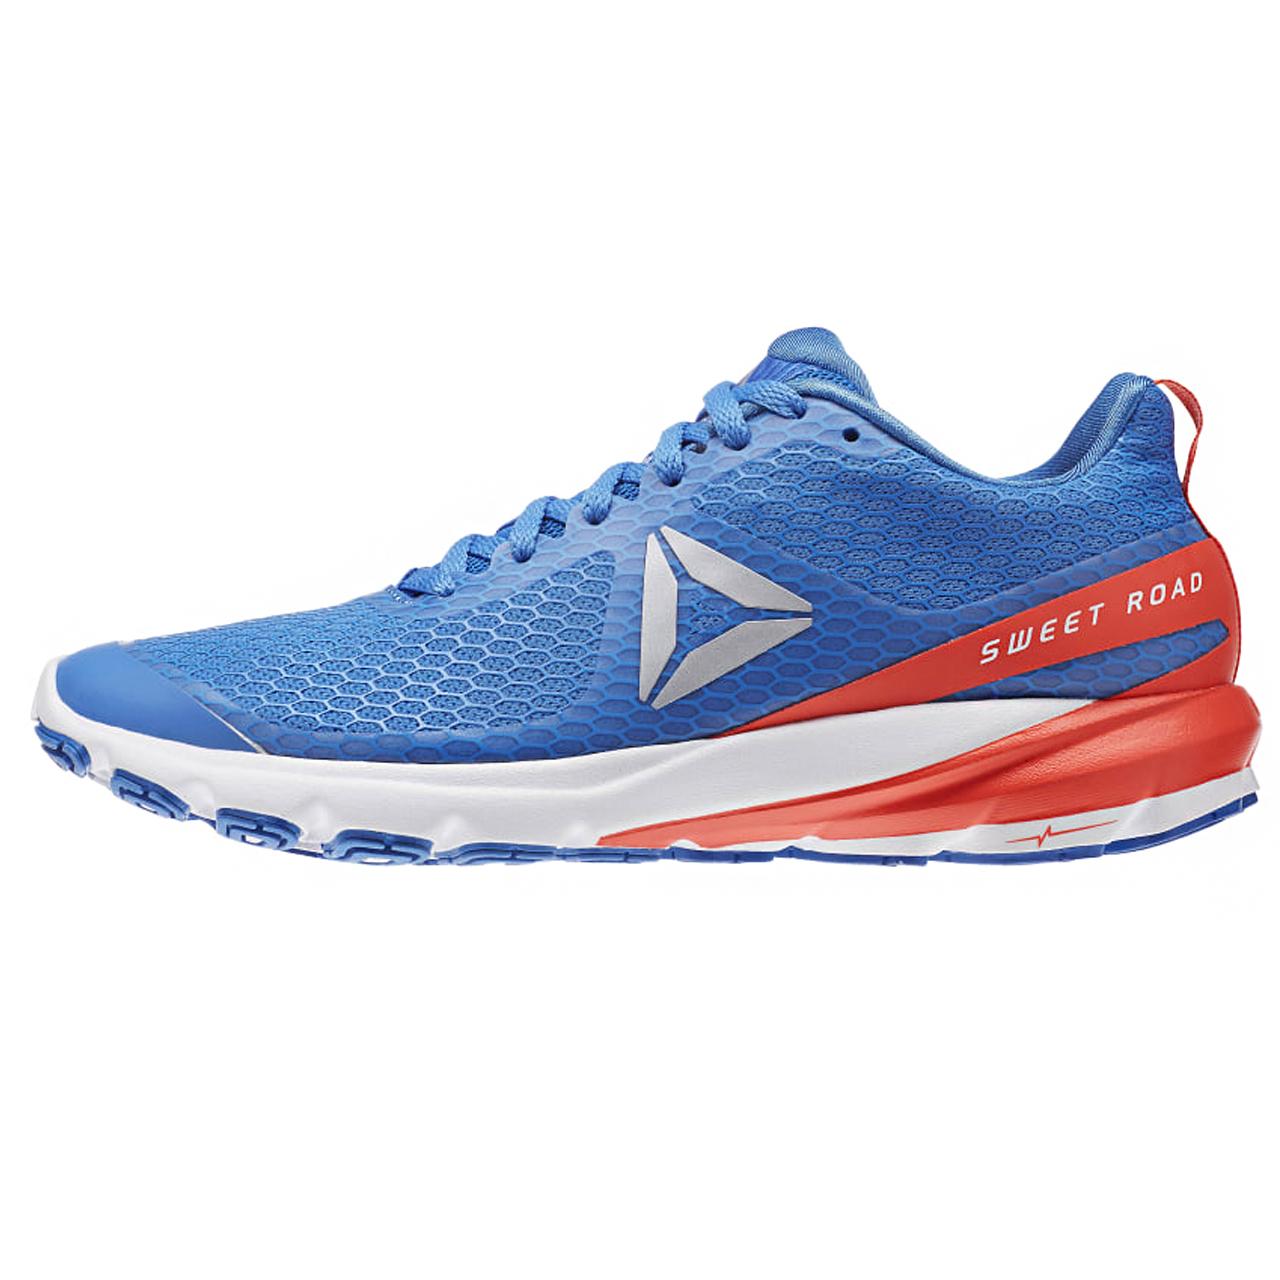 کفش مخصوص دویدن زنانه ریباک مدل Osr Sweet Road BD4625